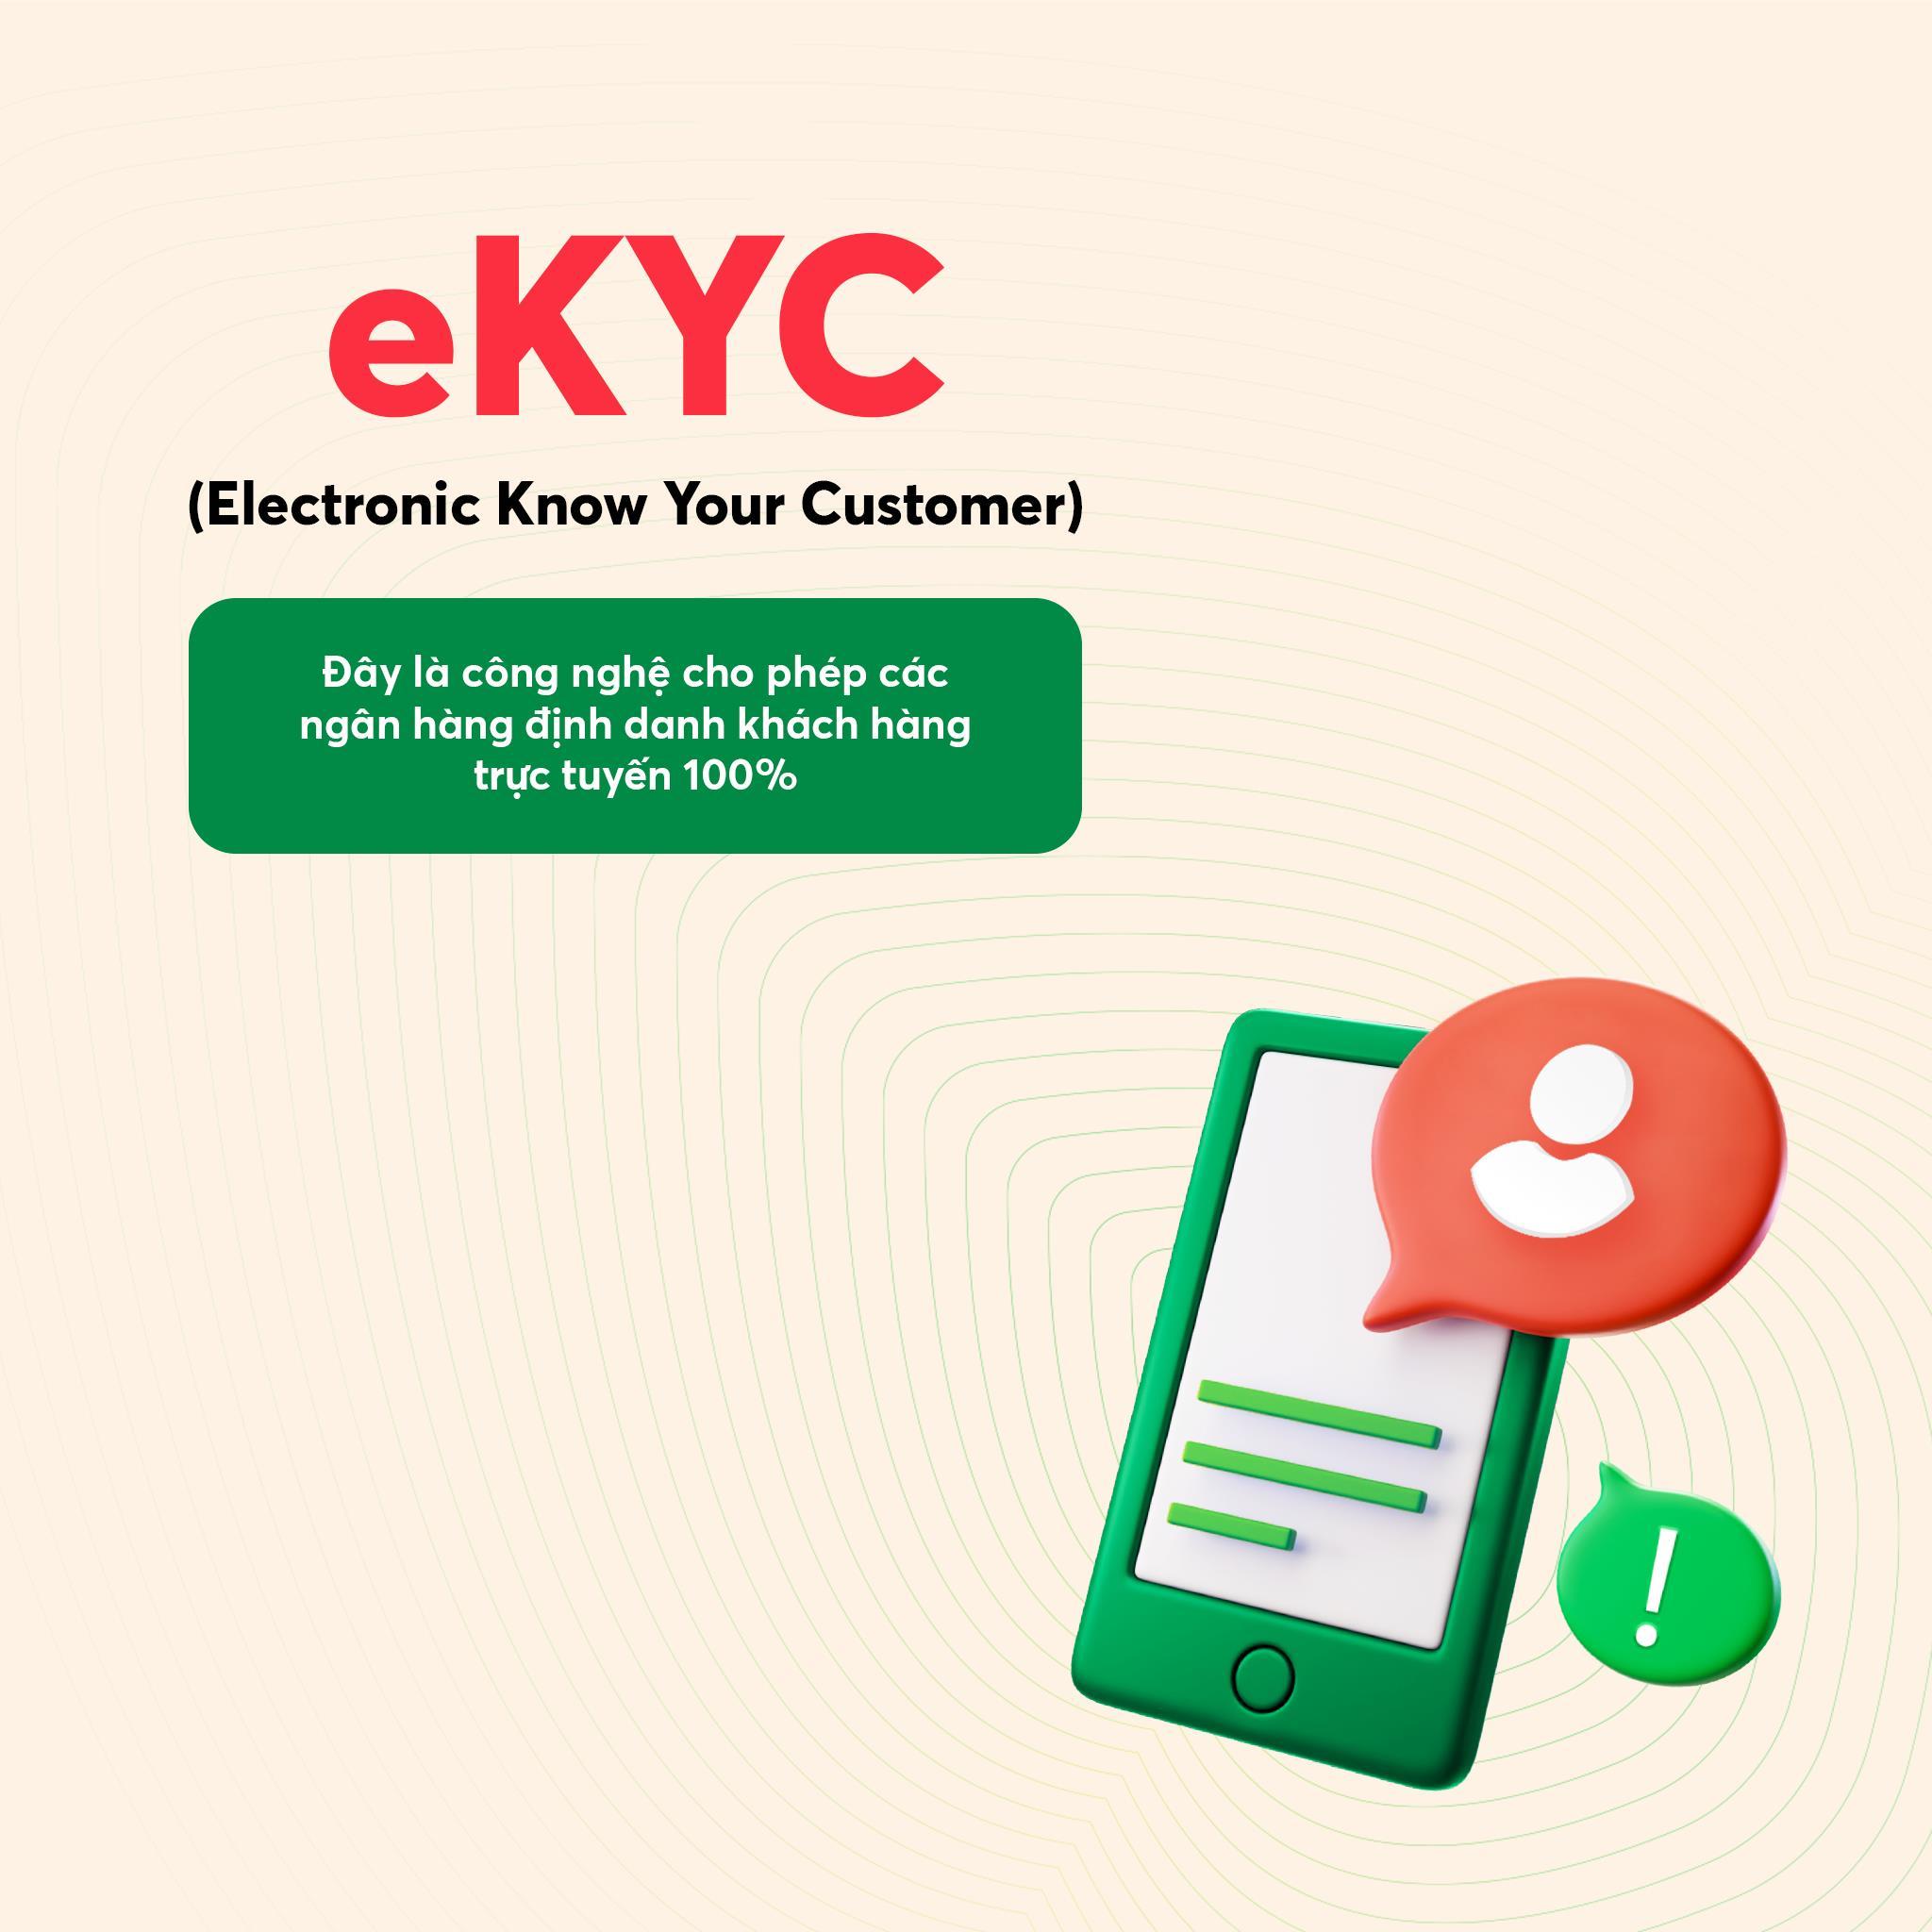 eKYC là gì?